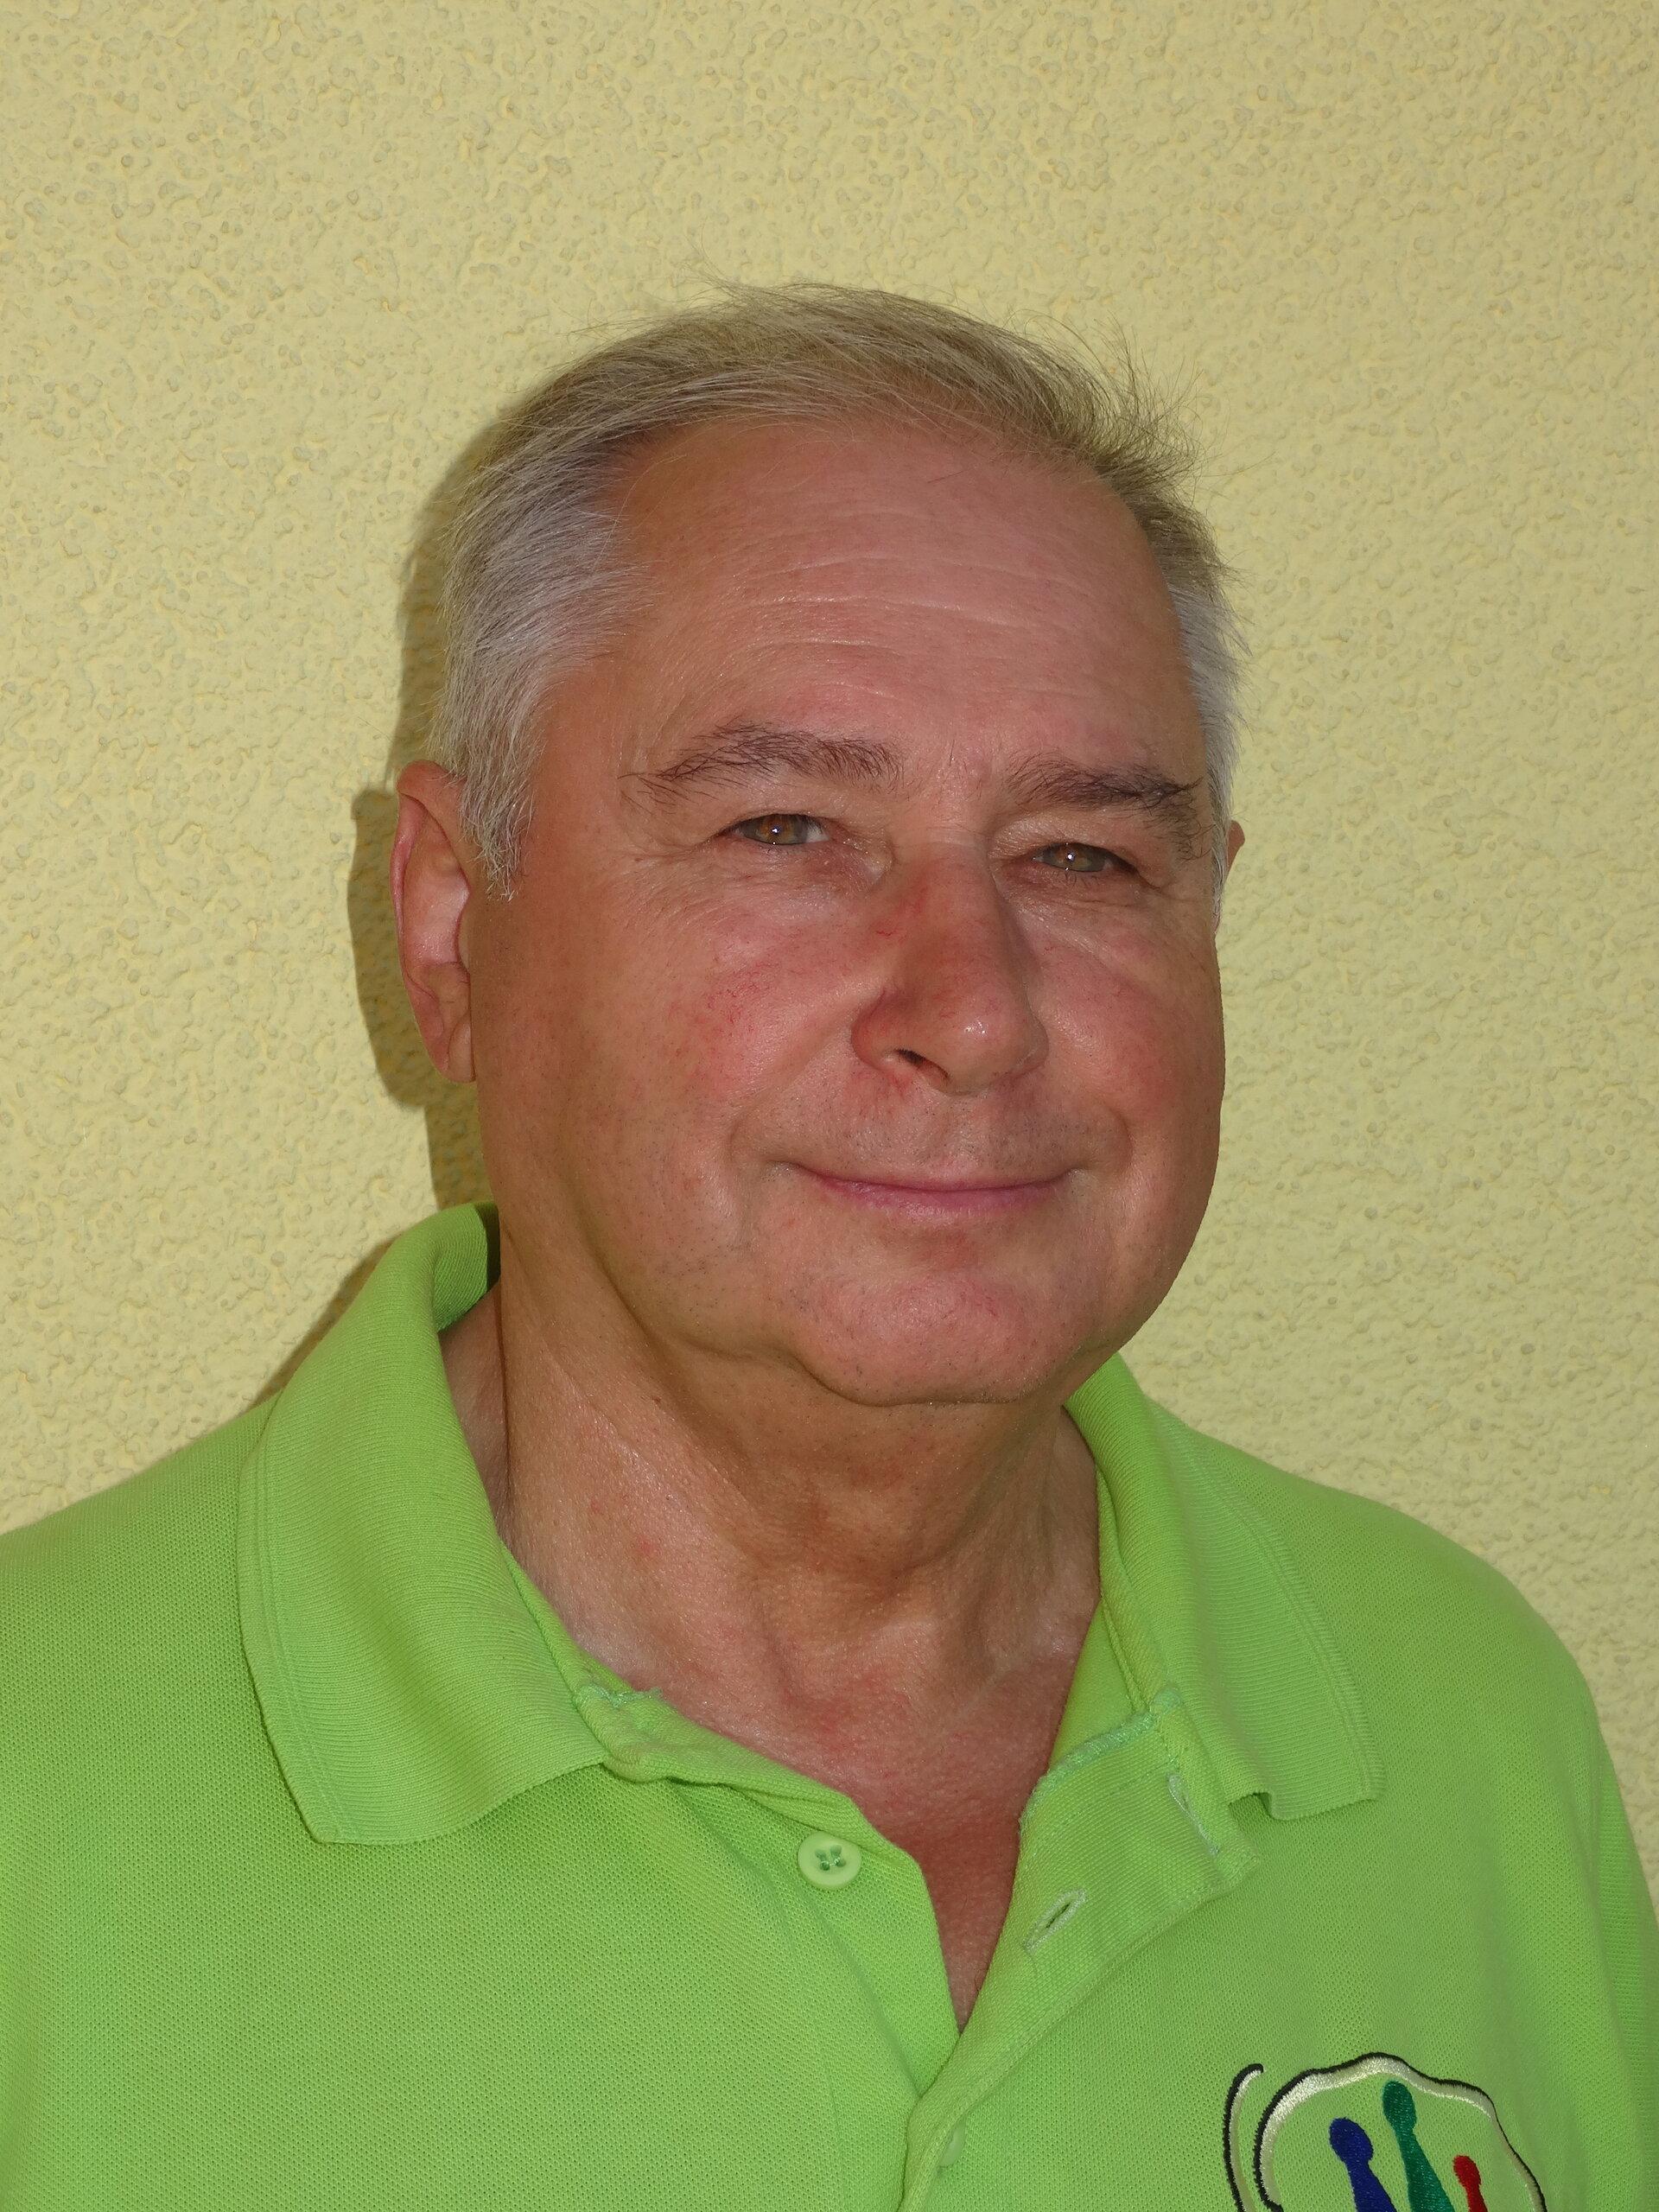 Rudi Klotzsch